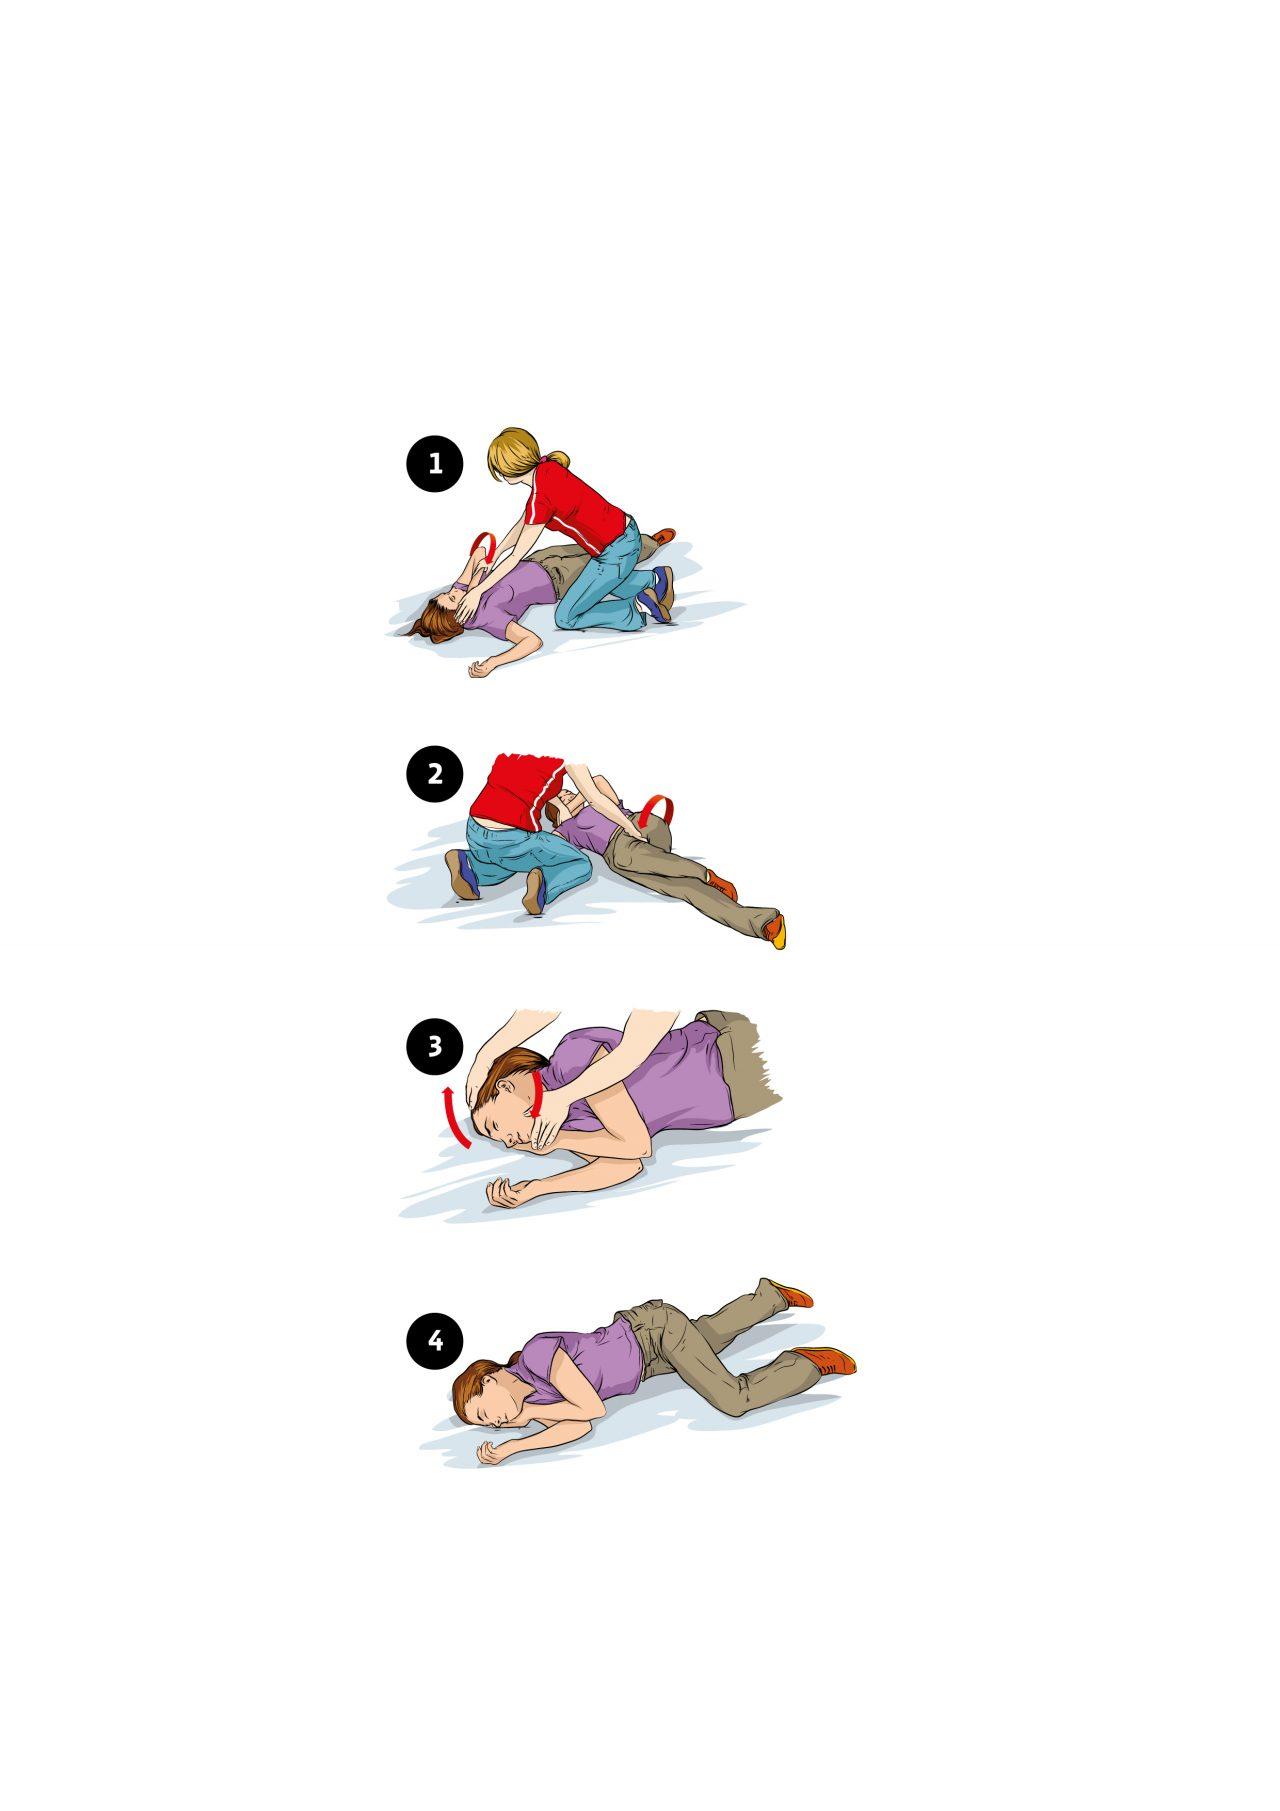 Førstehjelp illustrert